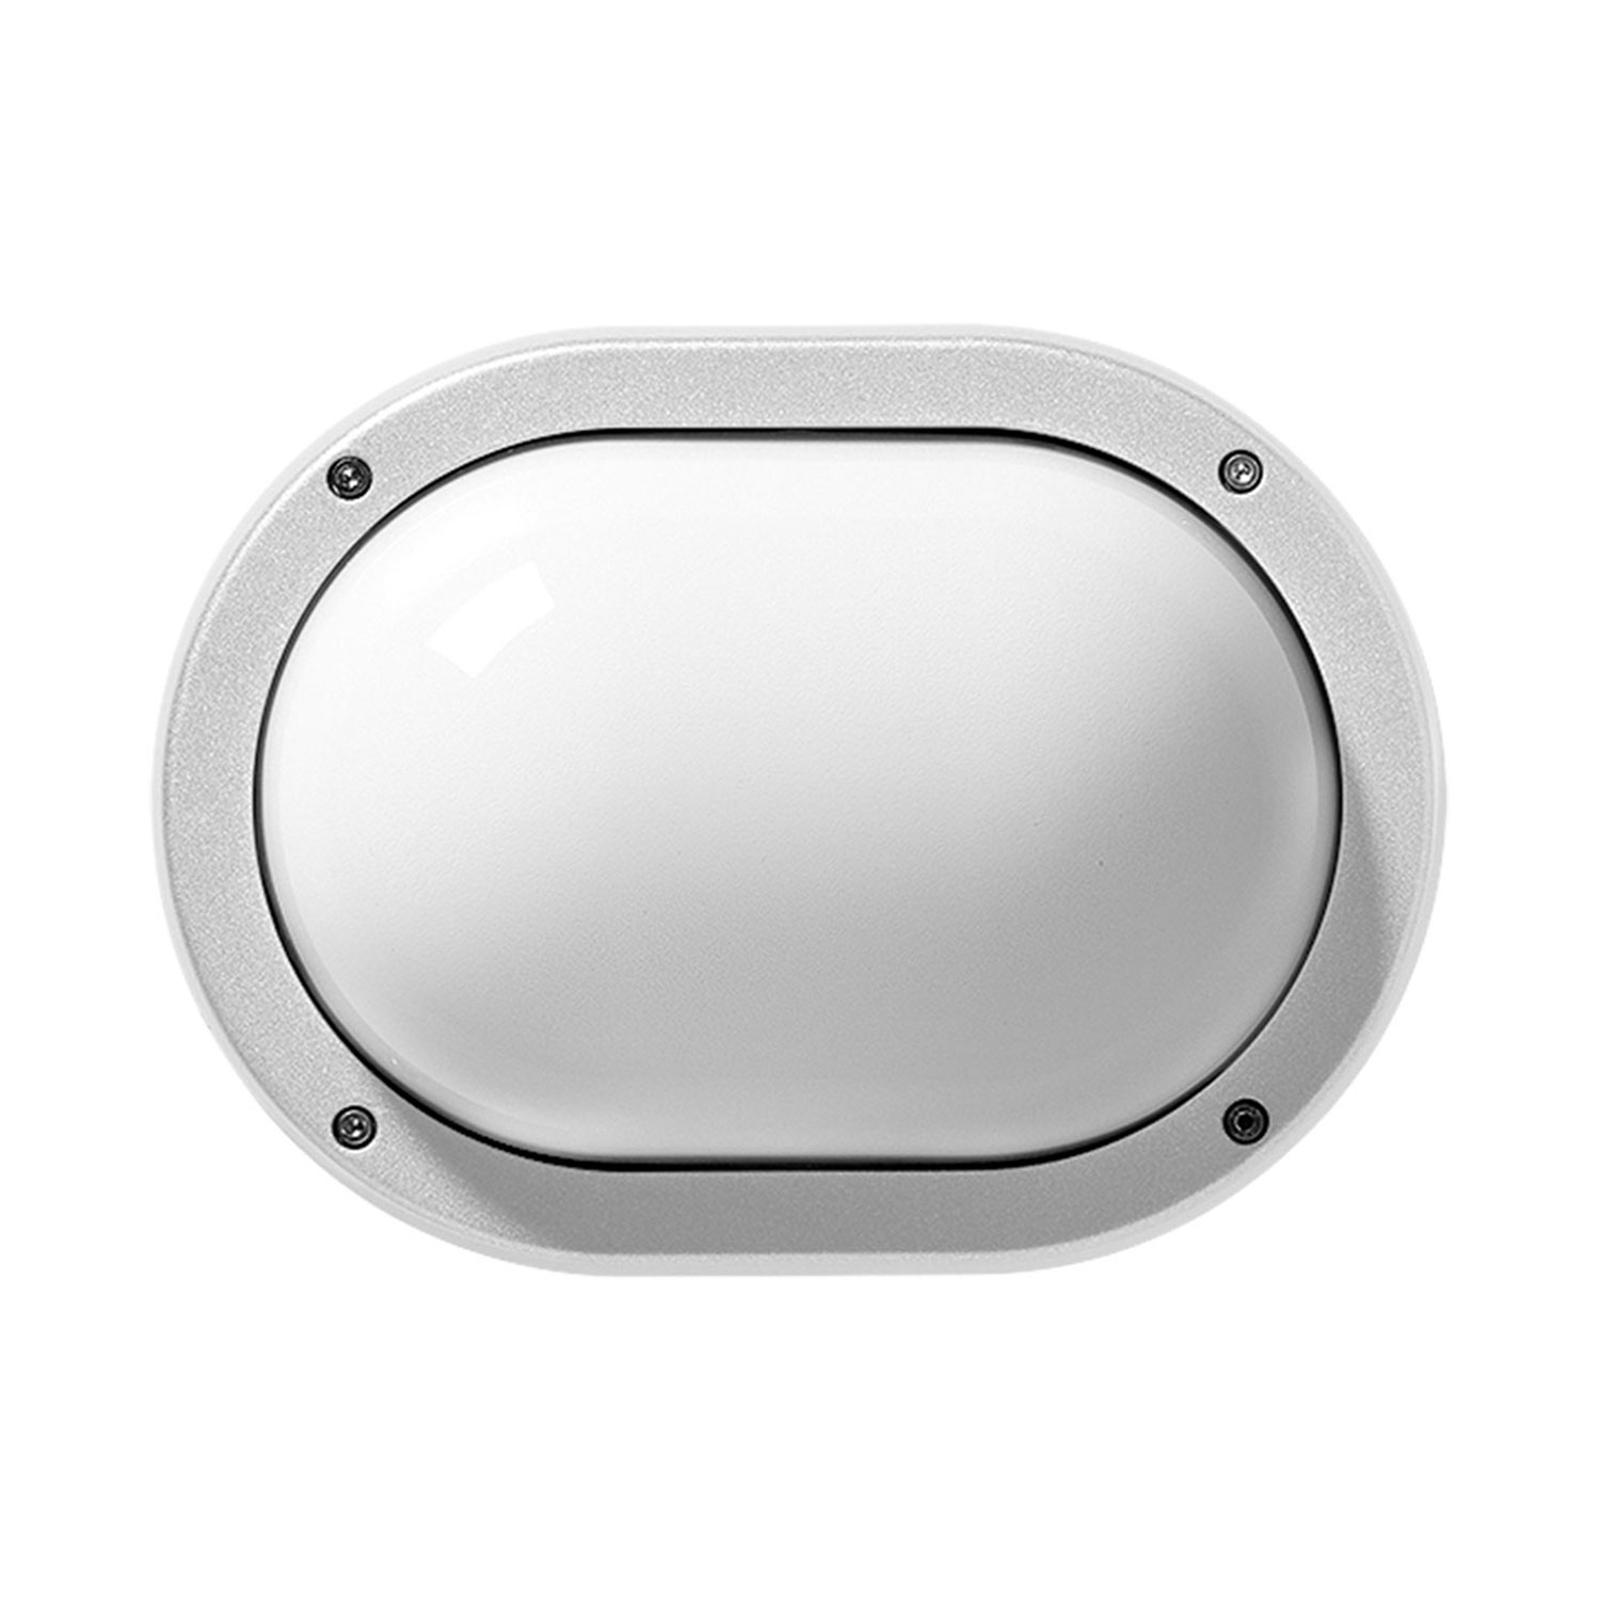 Applique extérieur LED Eko+19 LED 3000K blanche